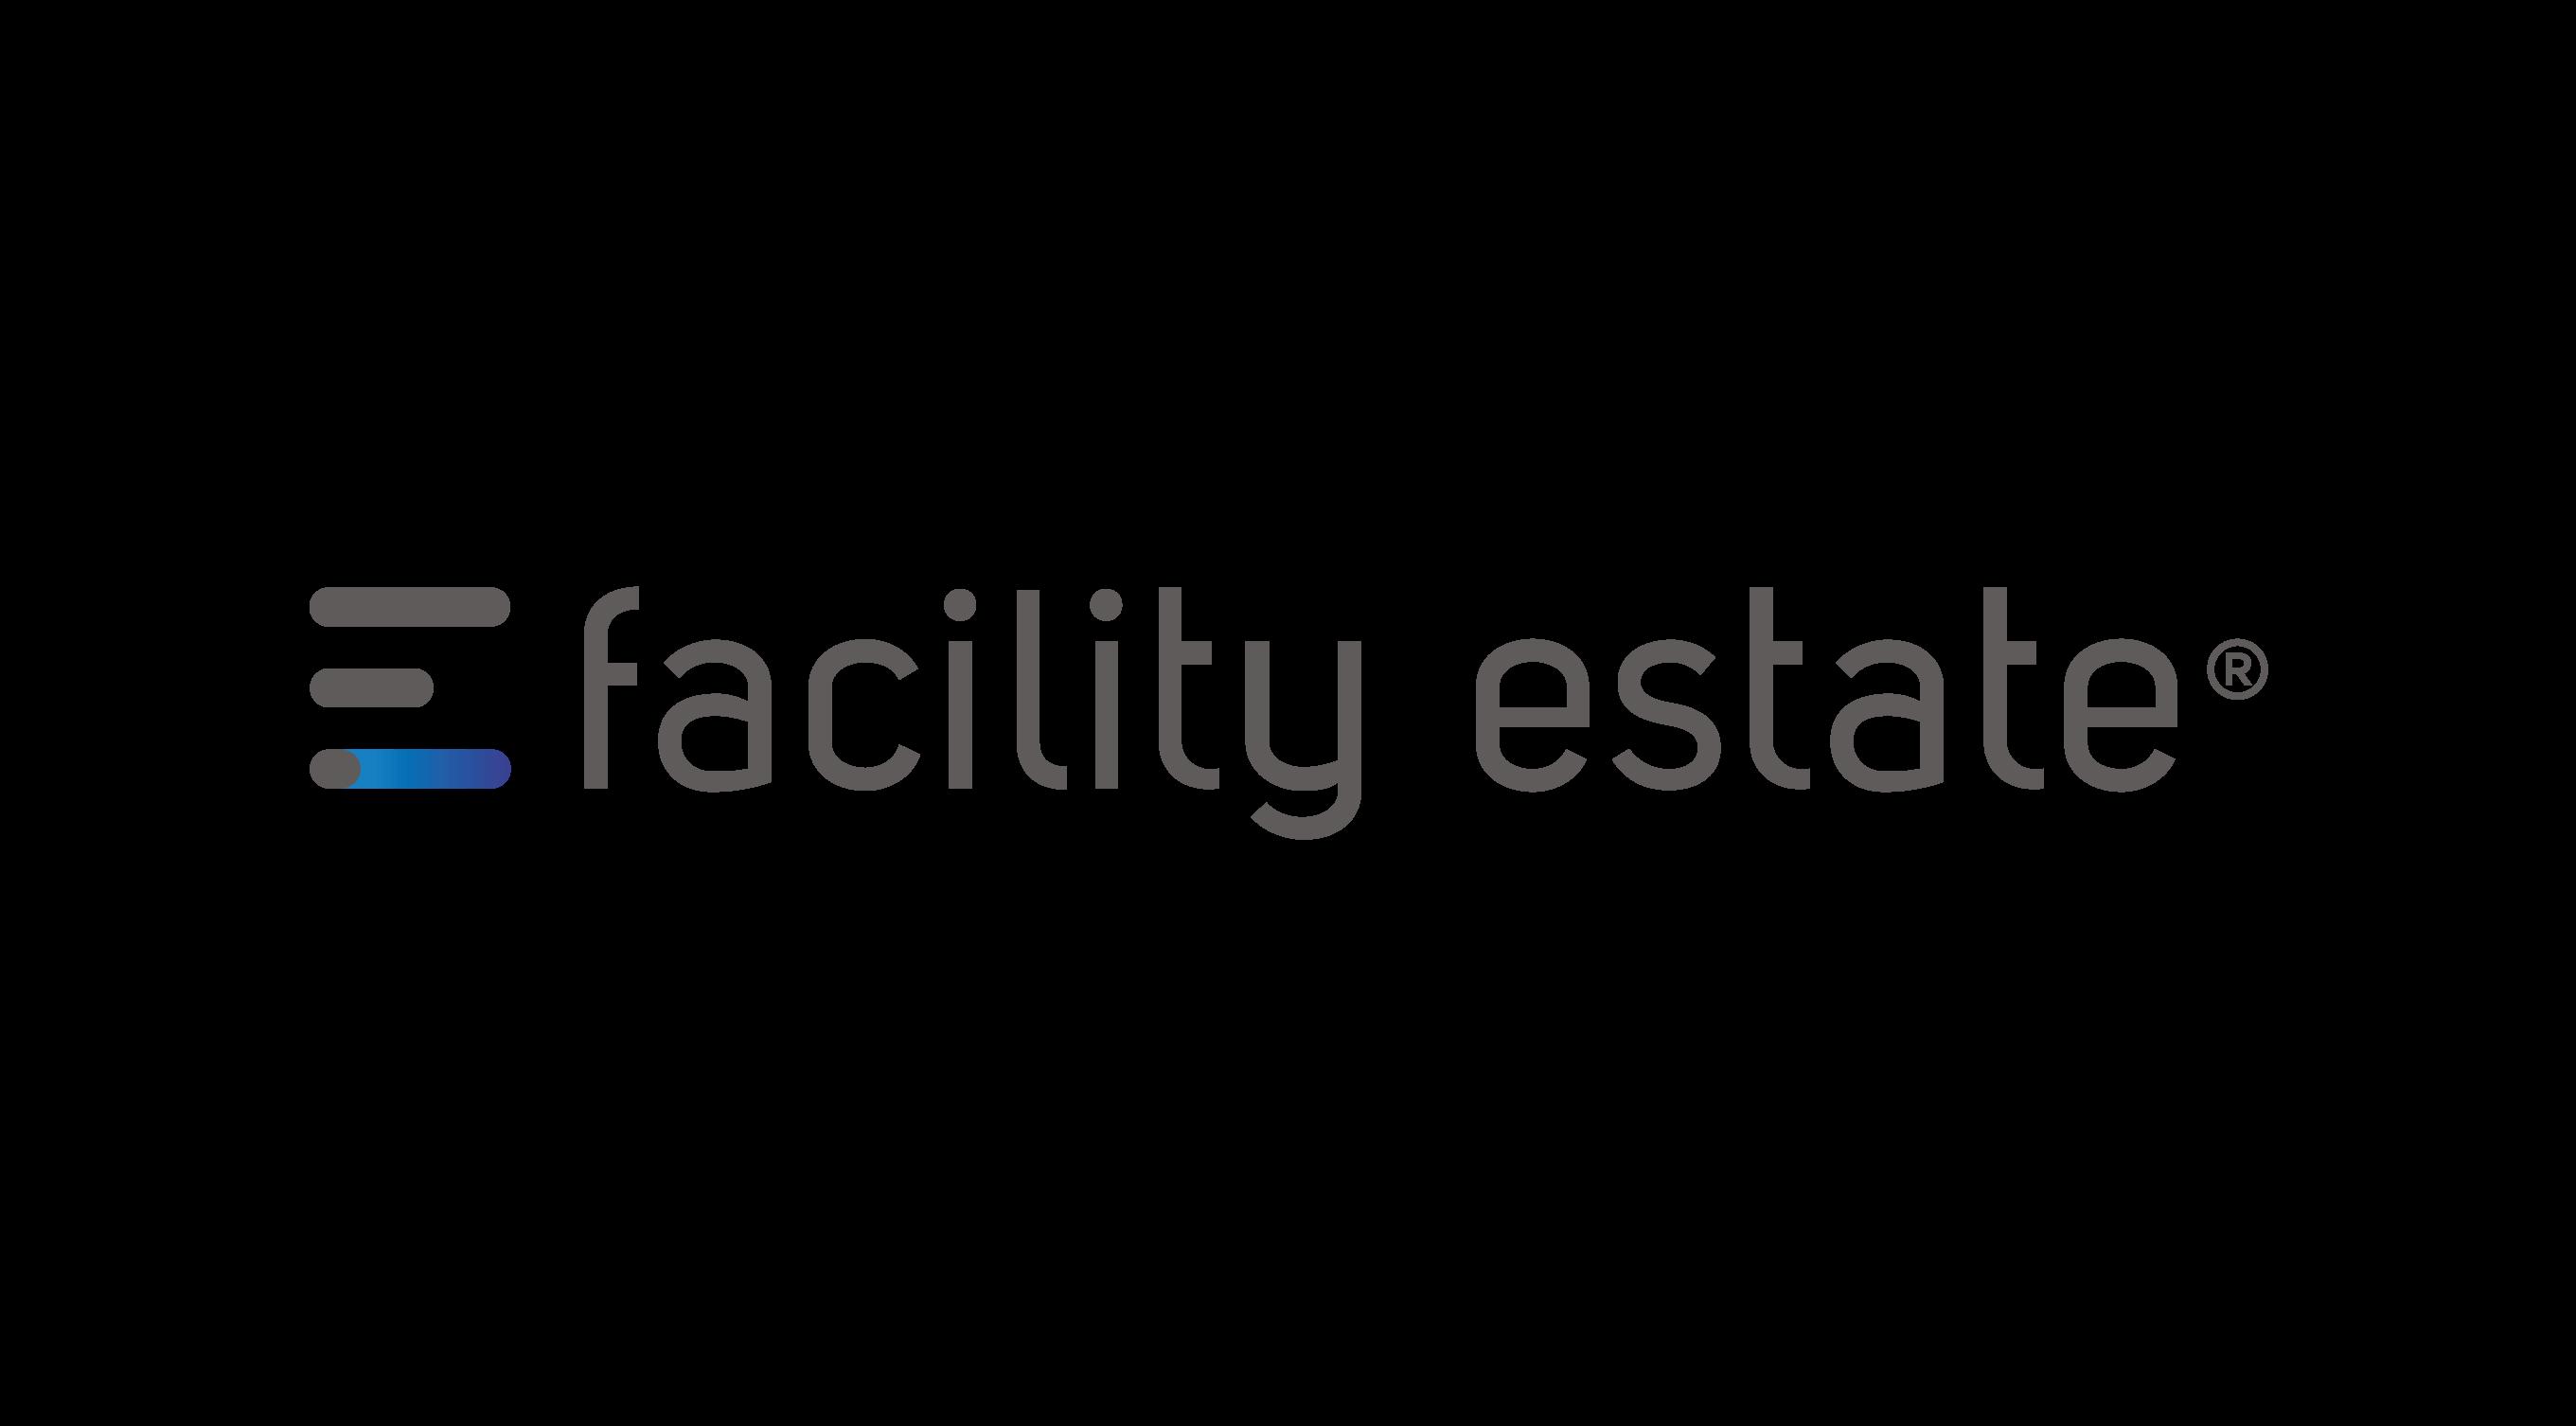 nieuw logo, ux designer, website laten maken Rotterdam, grafisch ontwerper